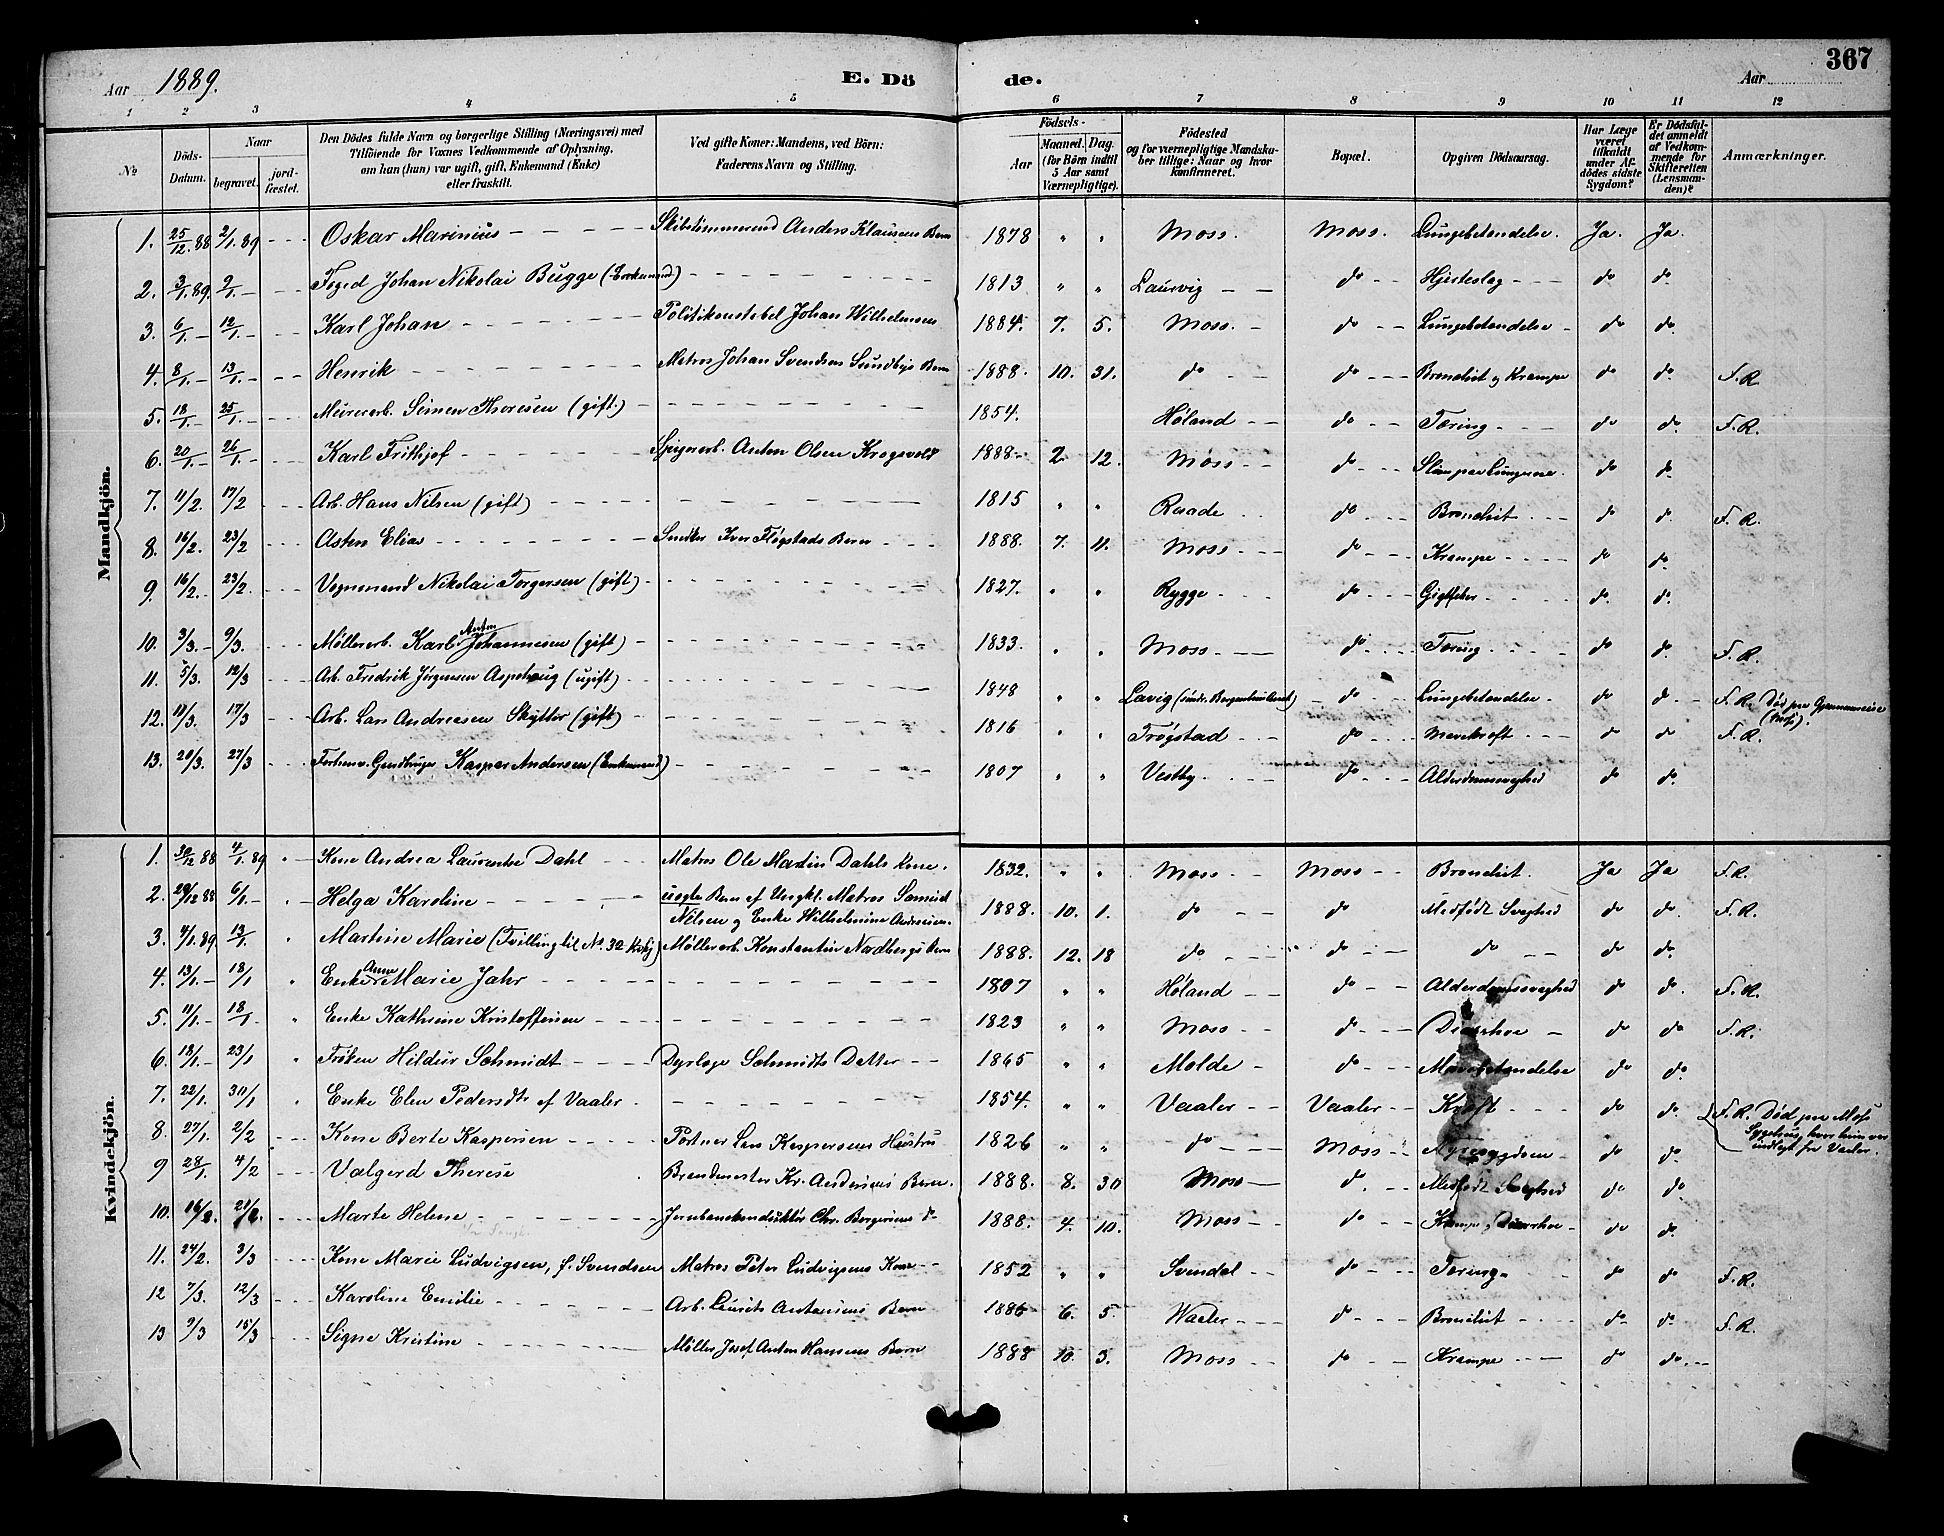 SAO, Moss prestekontor Kirkebøker, G/Ga/L0006: Klokkerbok nr. I 6, 1889-1900, s. 367